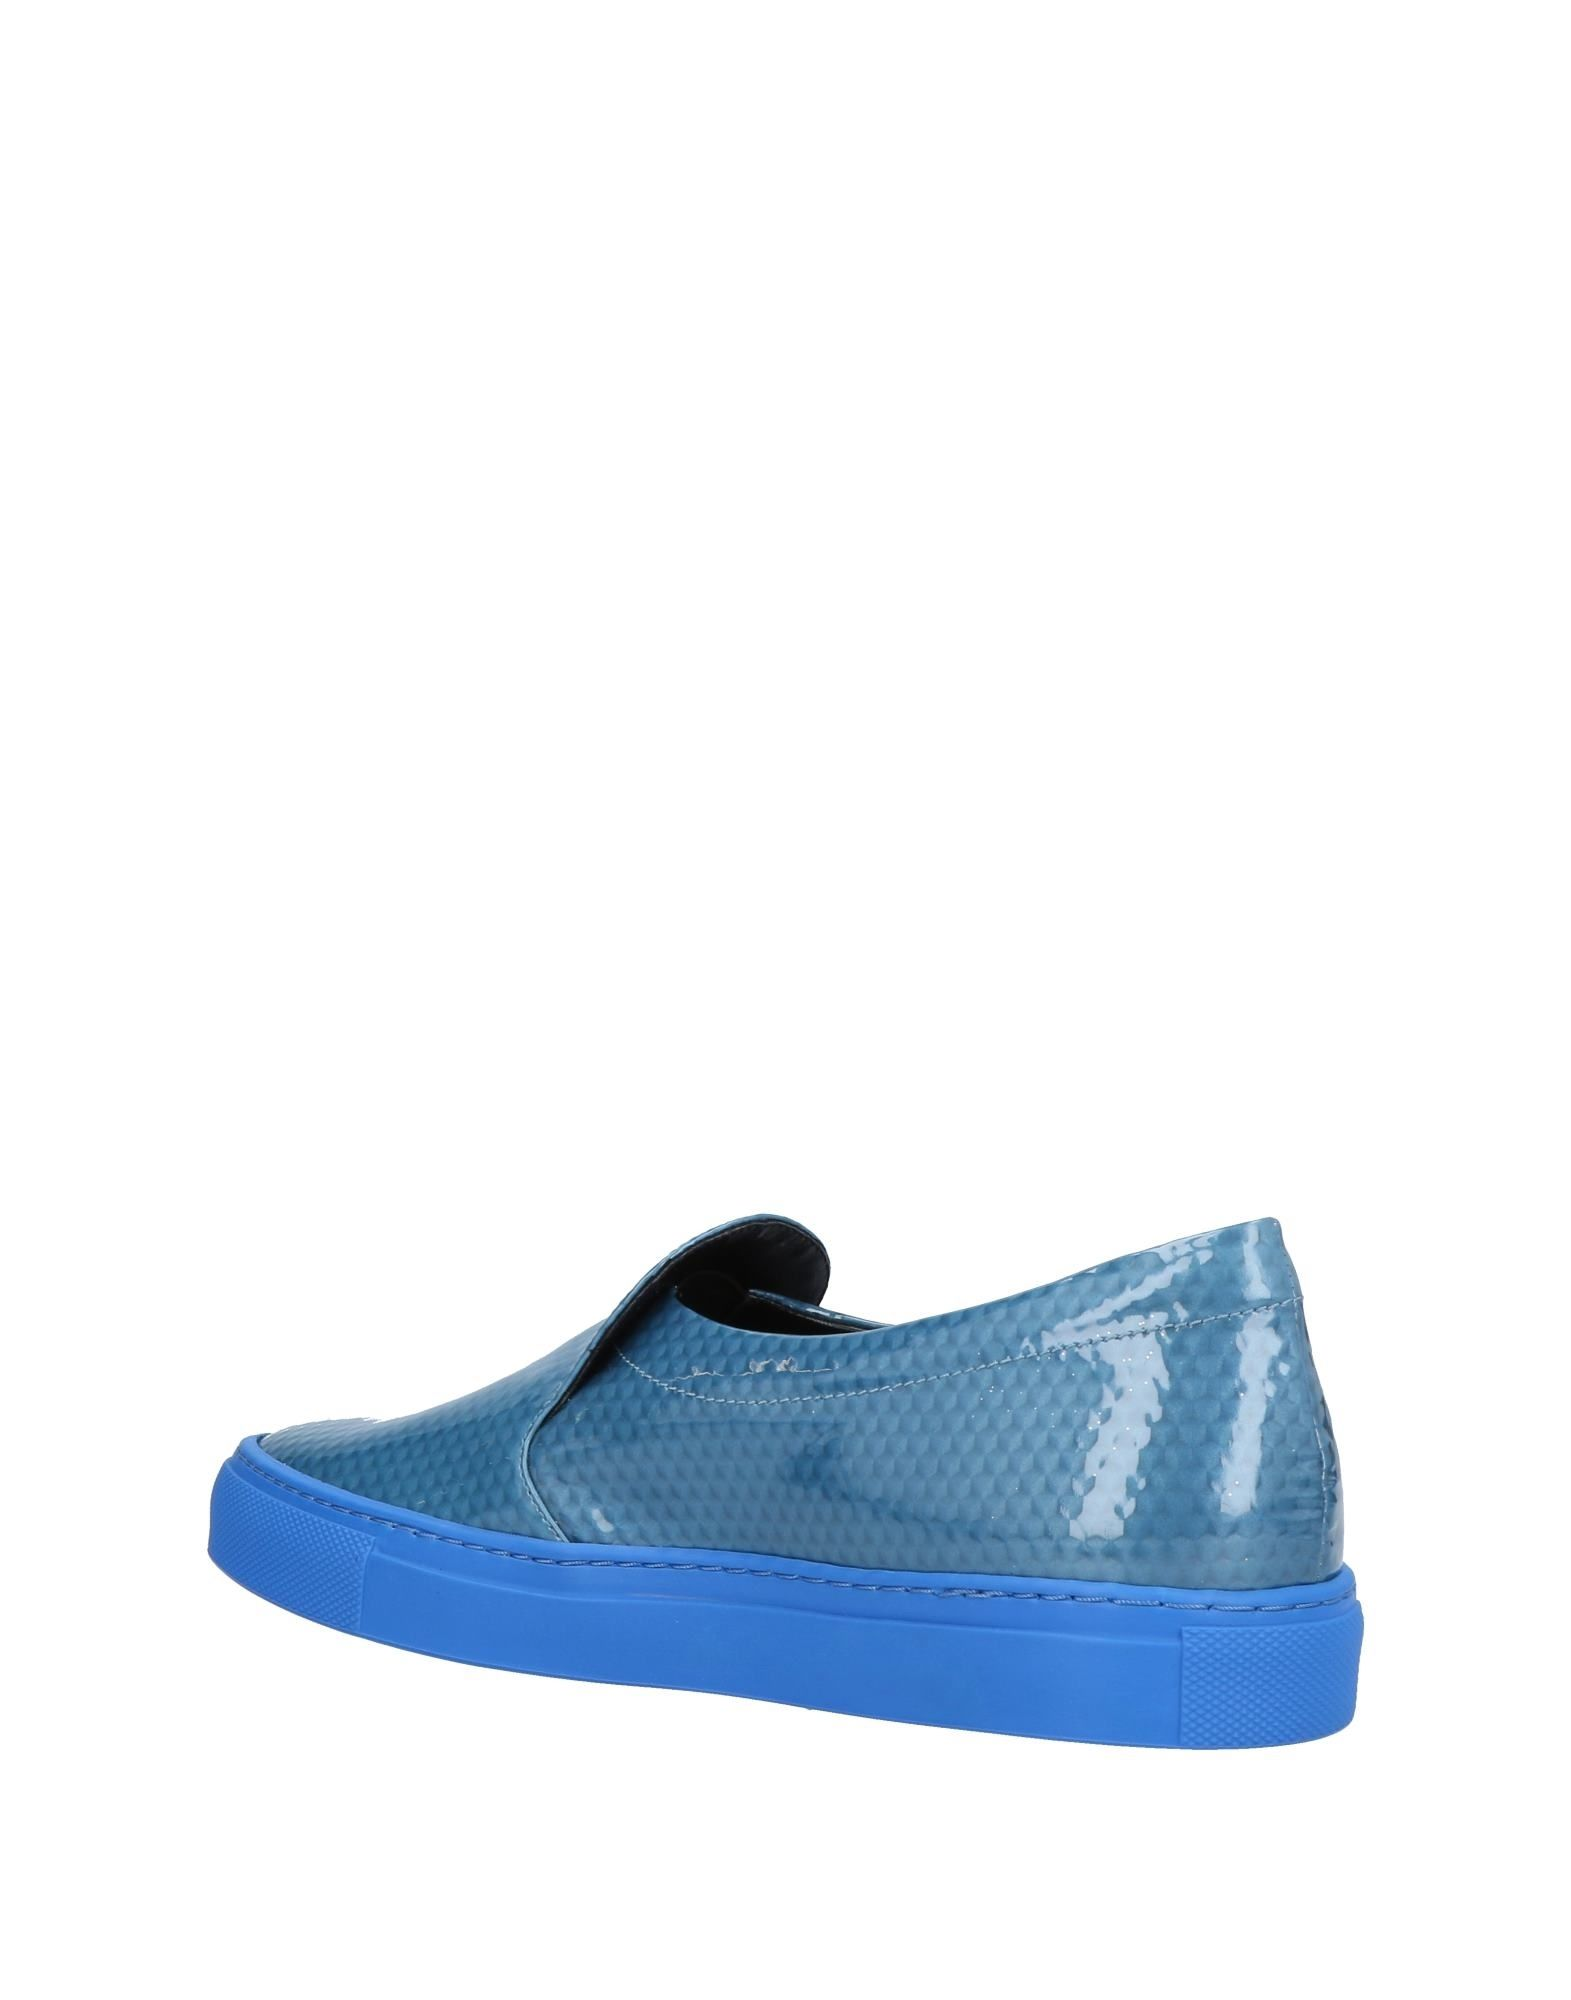 Stilvolle Damen billige Schuhe Rodo Sneakers Damen Stilvolle  11465806FP b478a2